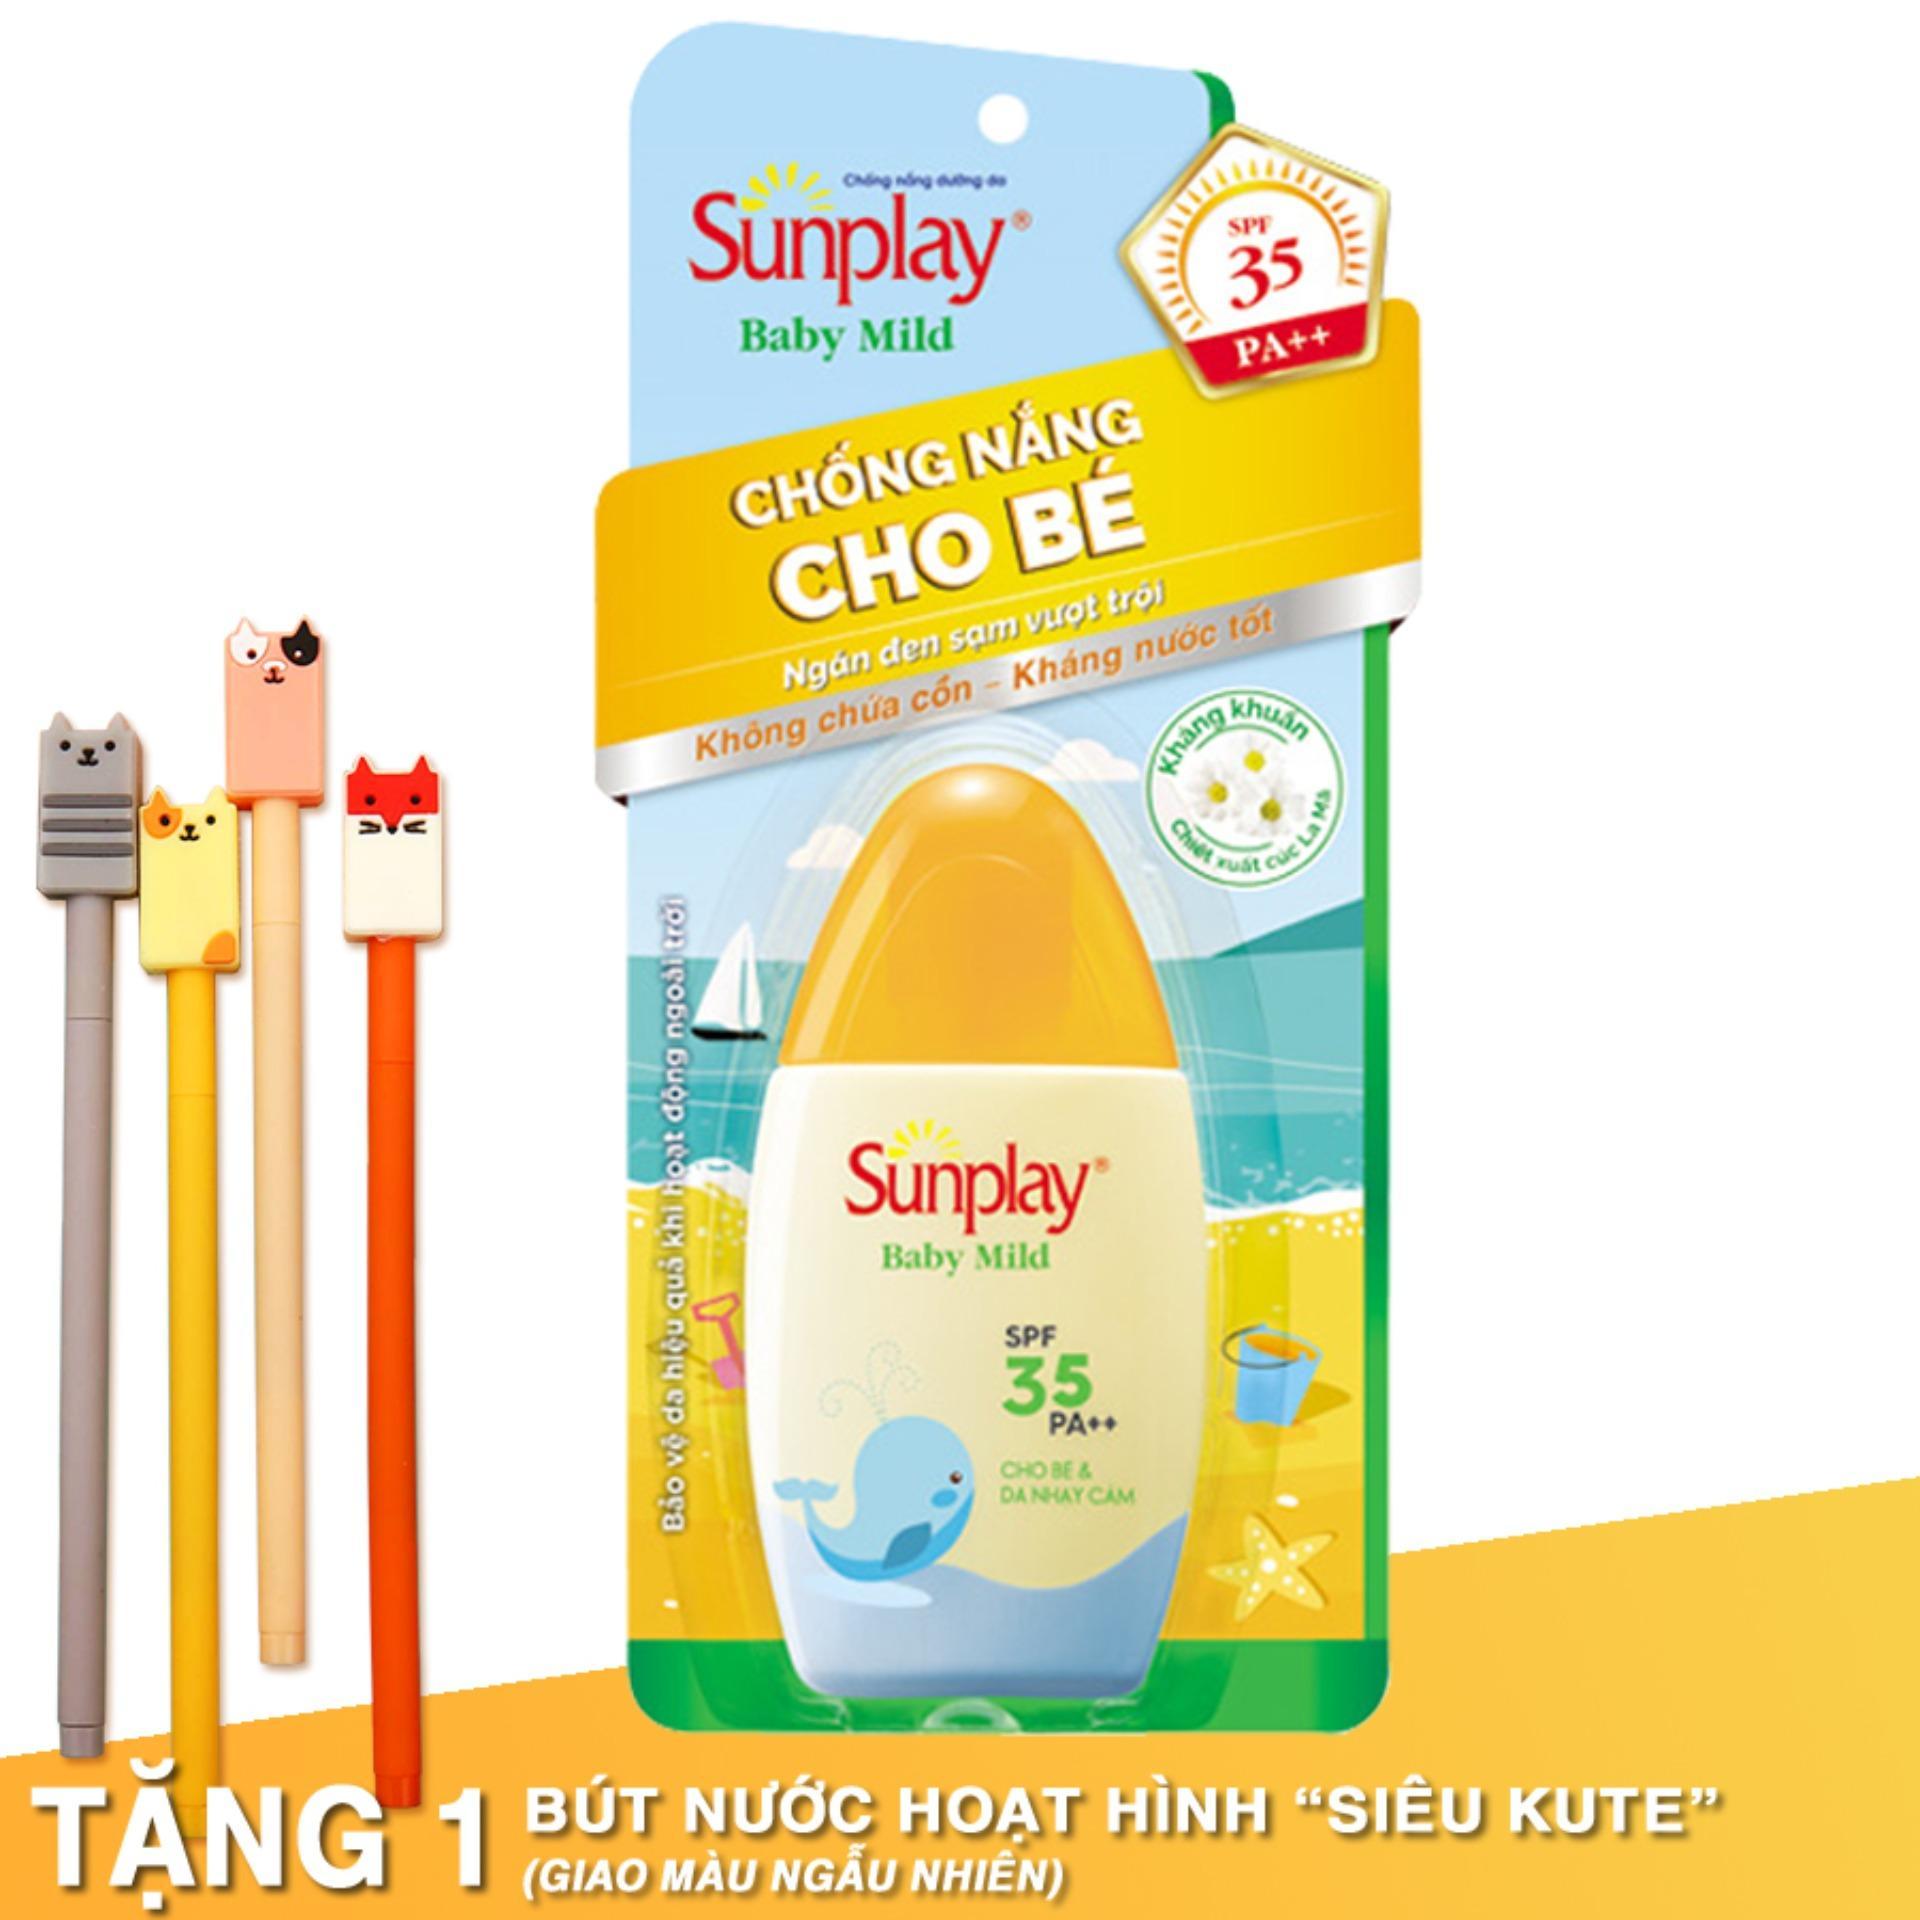 Sữa chống nắng cho bé và da nhạy cảm Sunplay Baby Mild SPF35, PA++ 30G